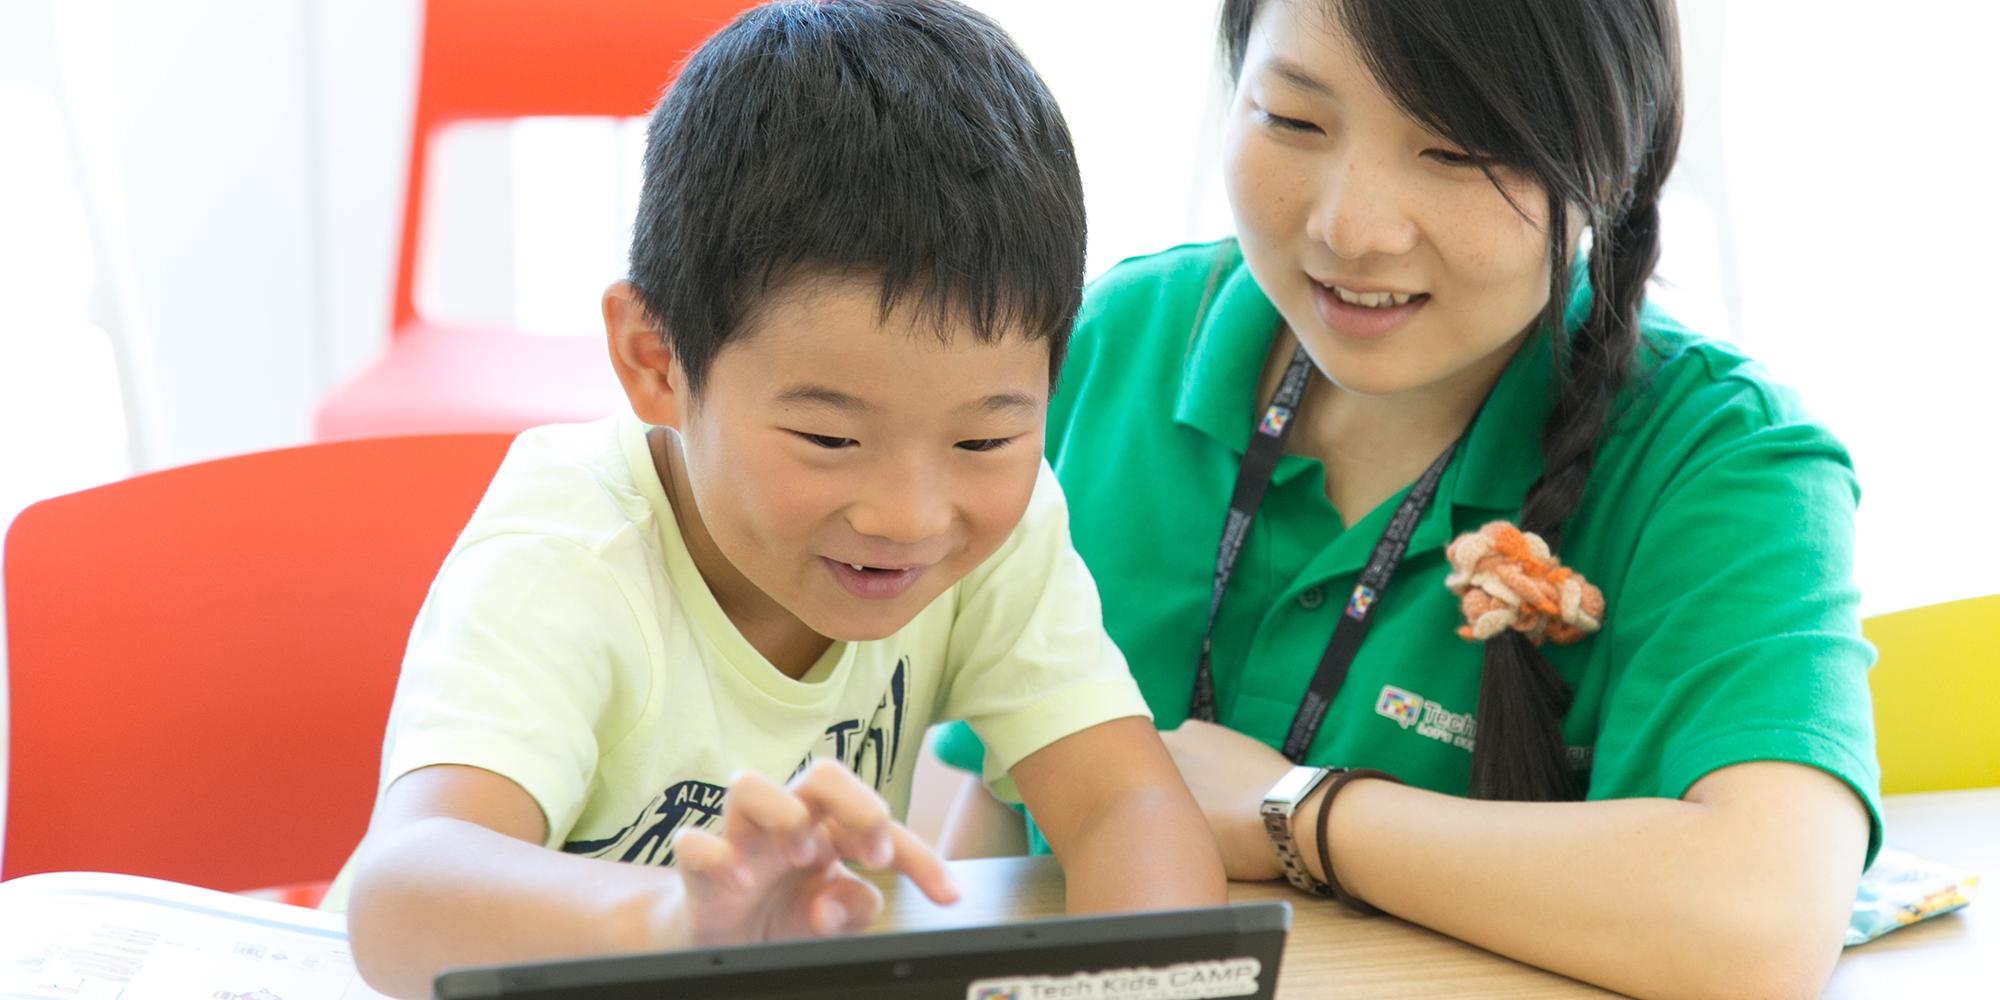 国内最大手の小学生向けプログラミングスクール『Tech Kids School』による監修